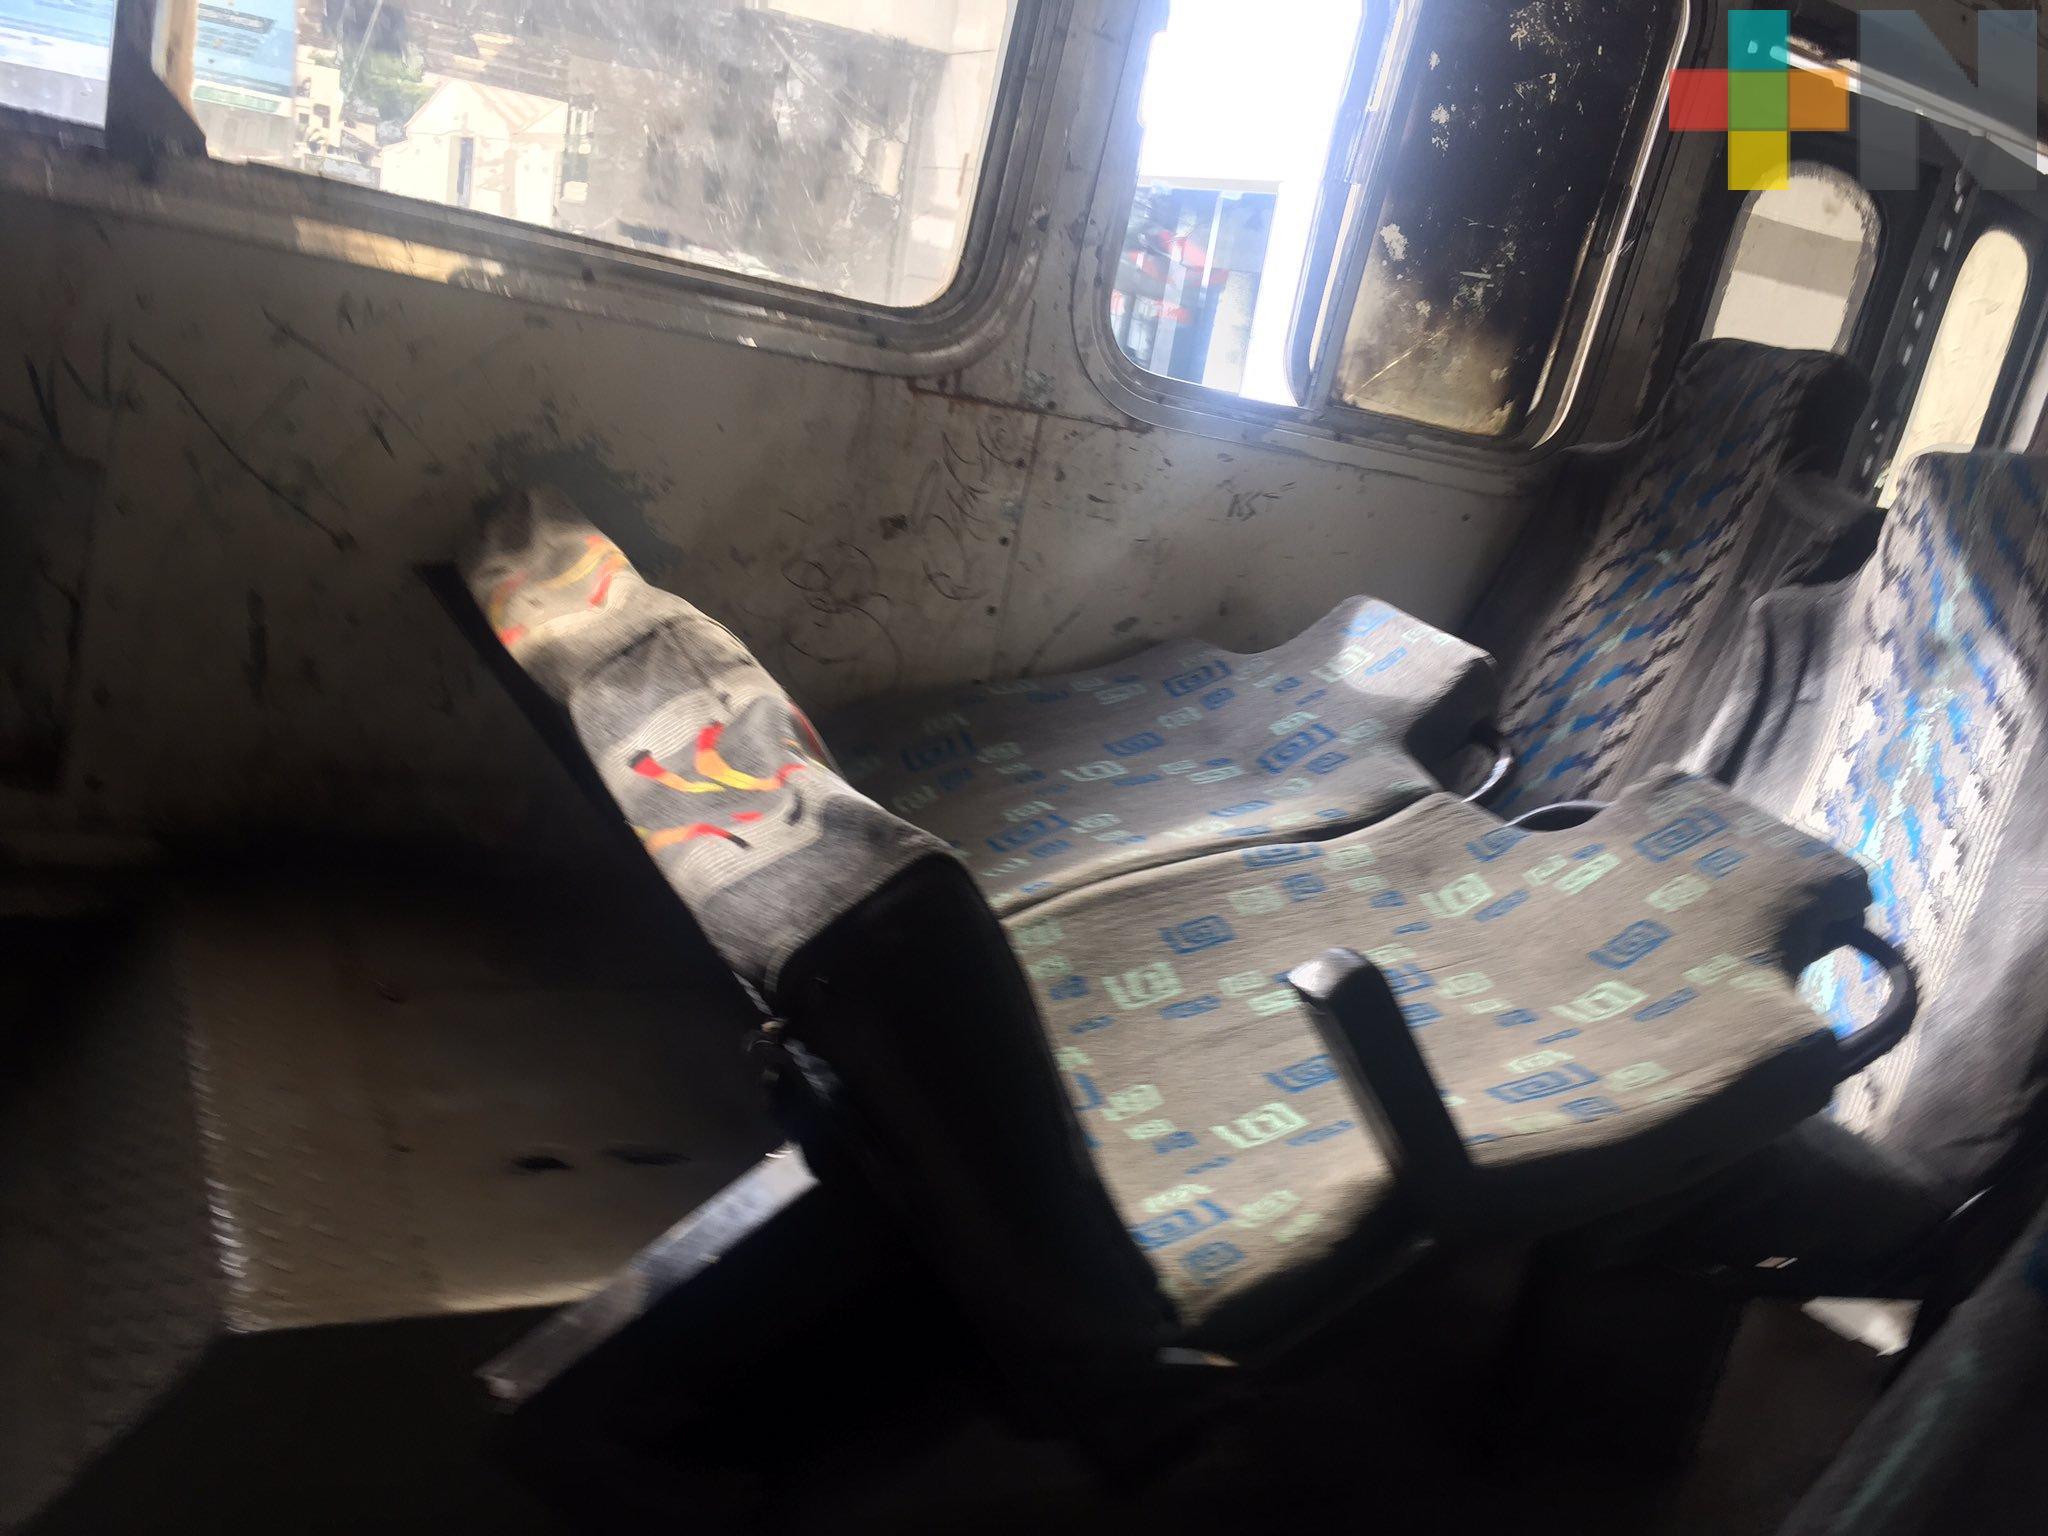 Camiones con asientos»reposet» en Xalapa